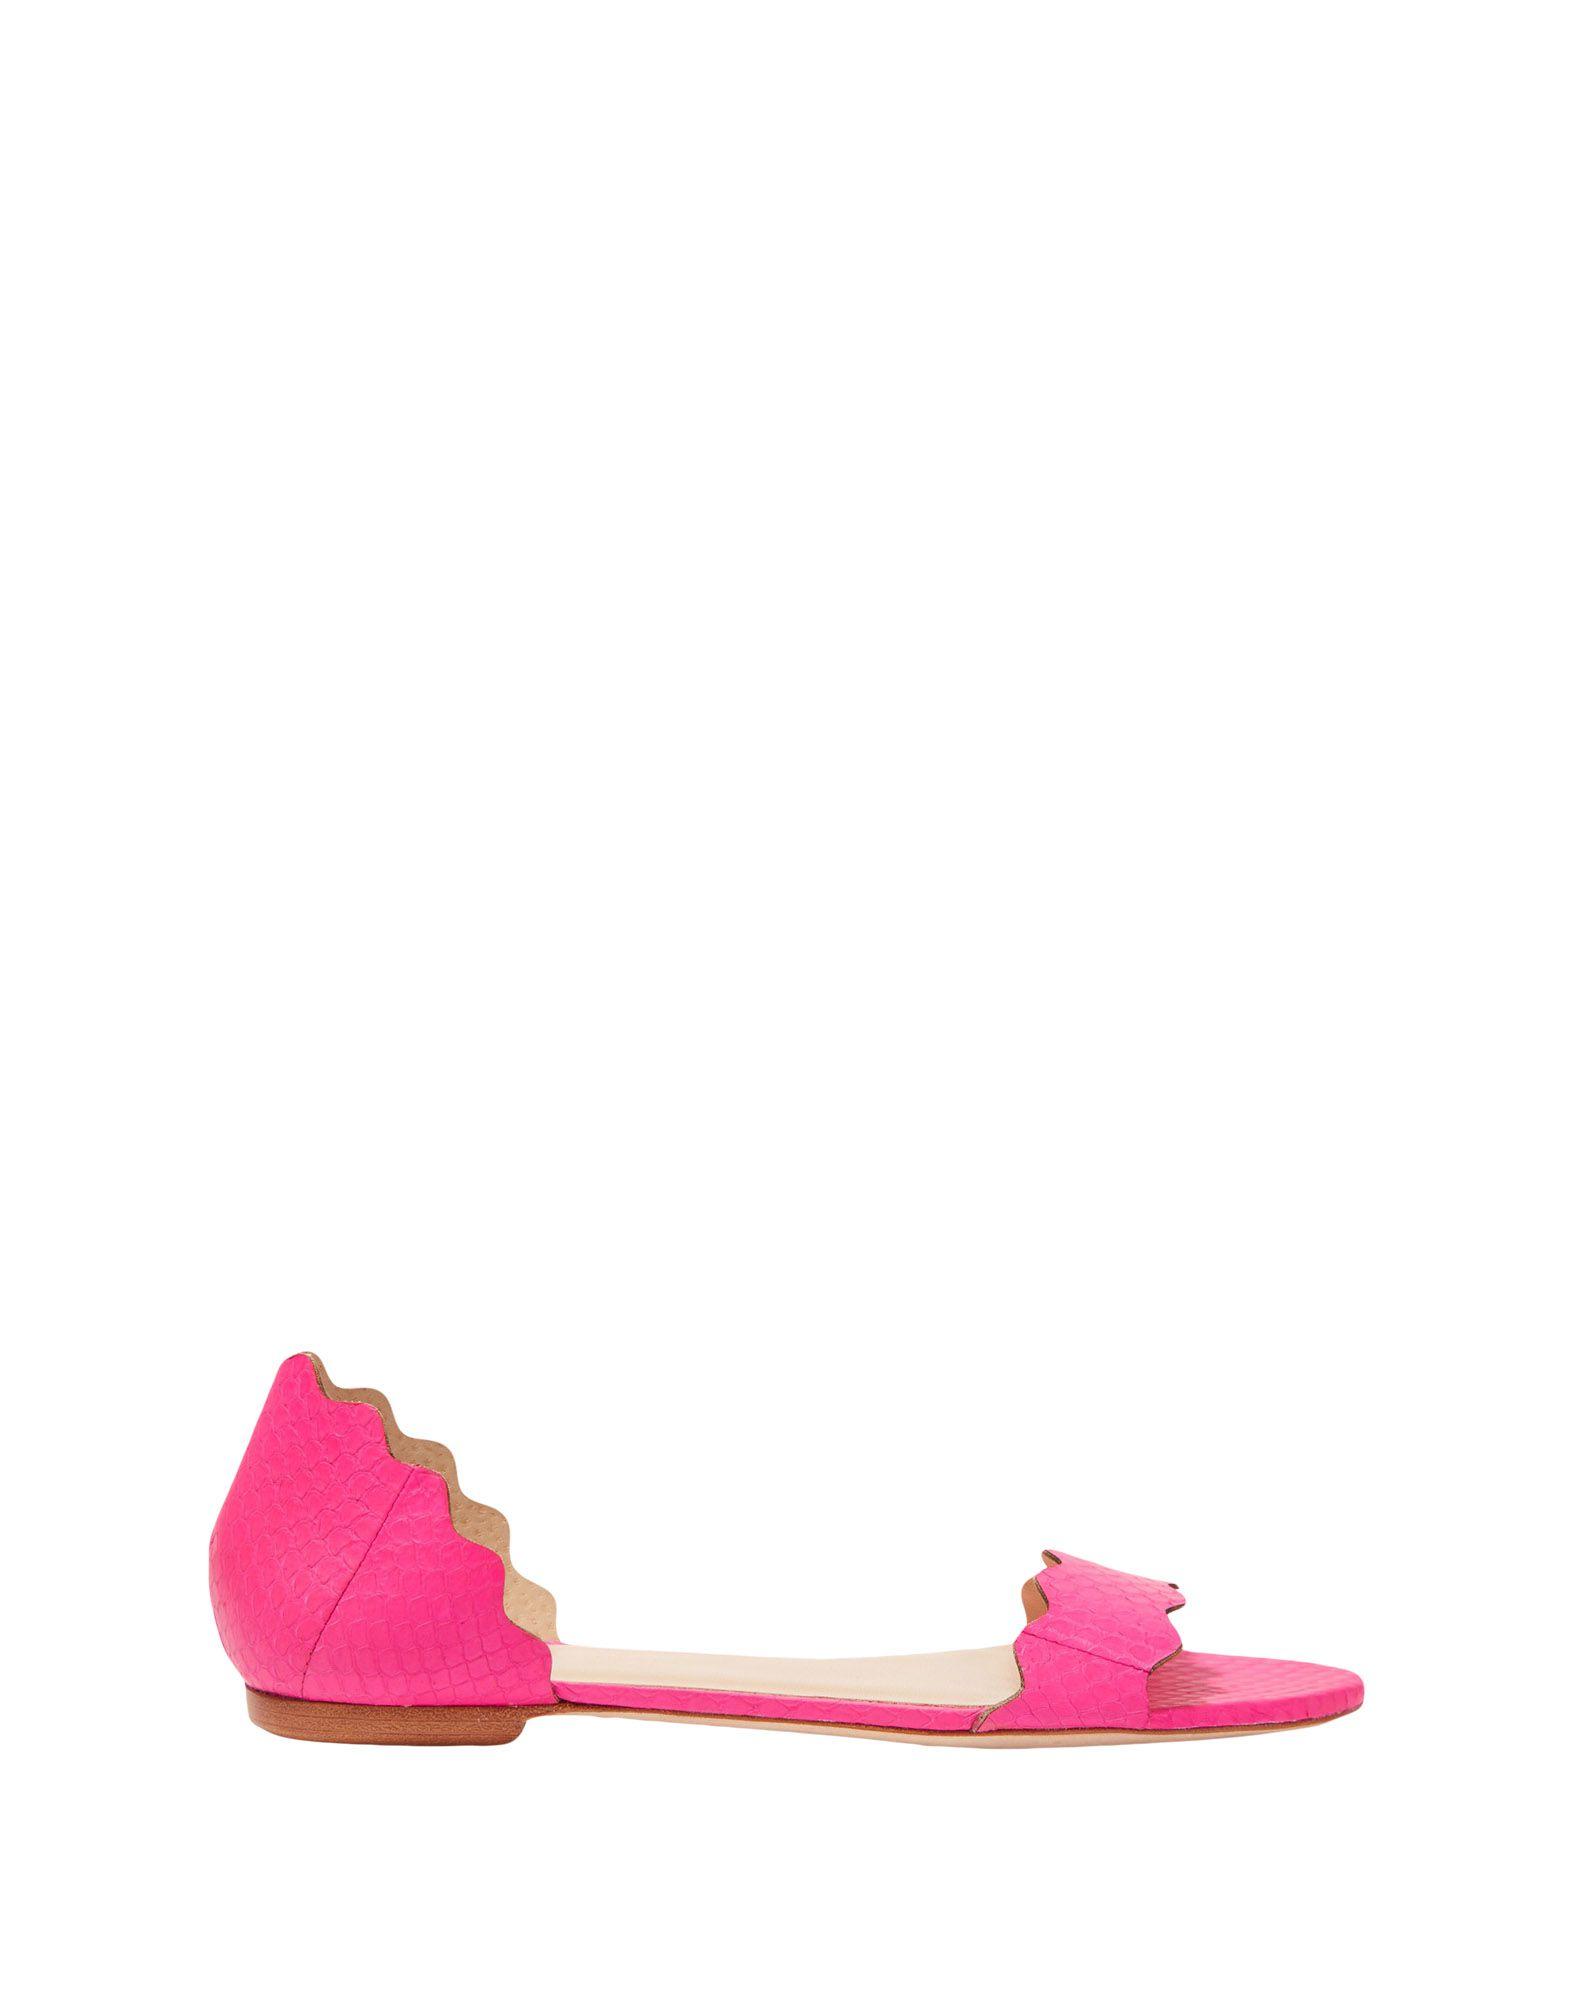 Rabatt Schuhe Loeffler Randall Sandalen 11515066VL Damen  11515066VL Sandalen 7ade41